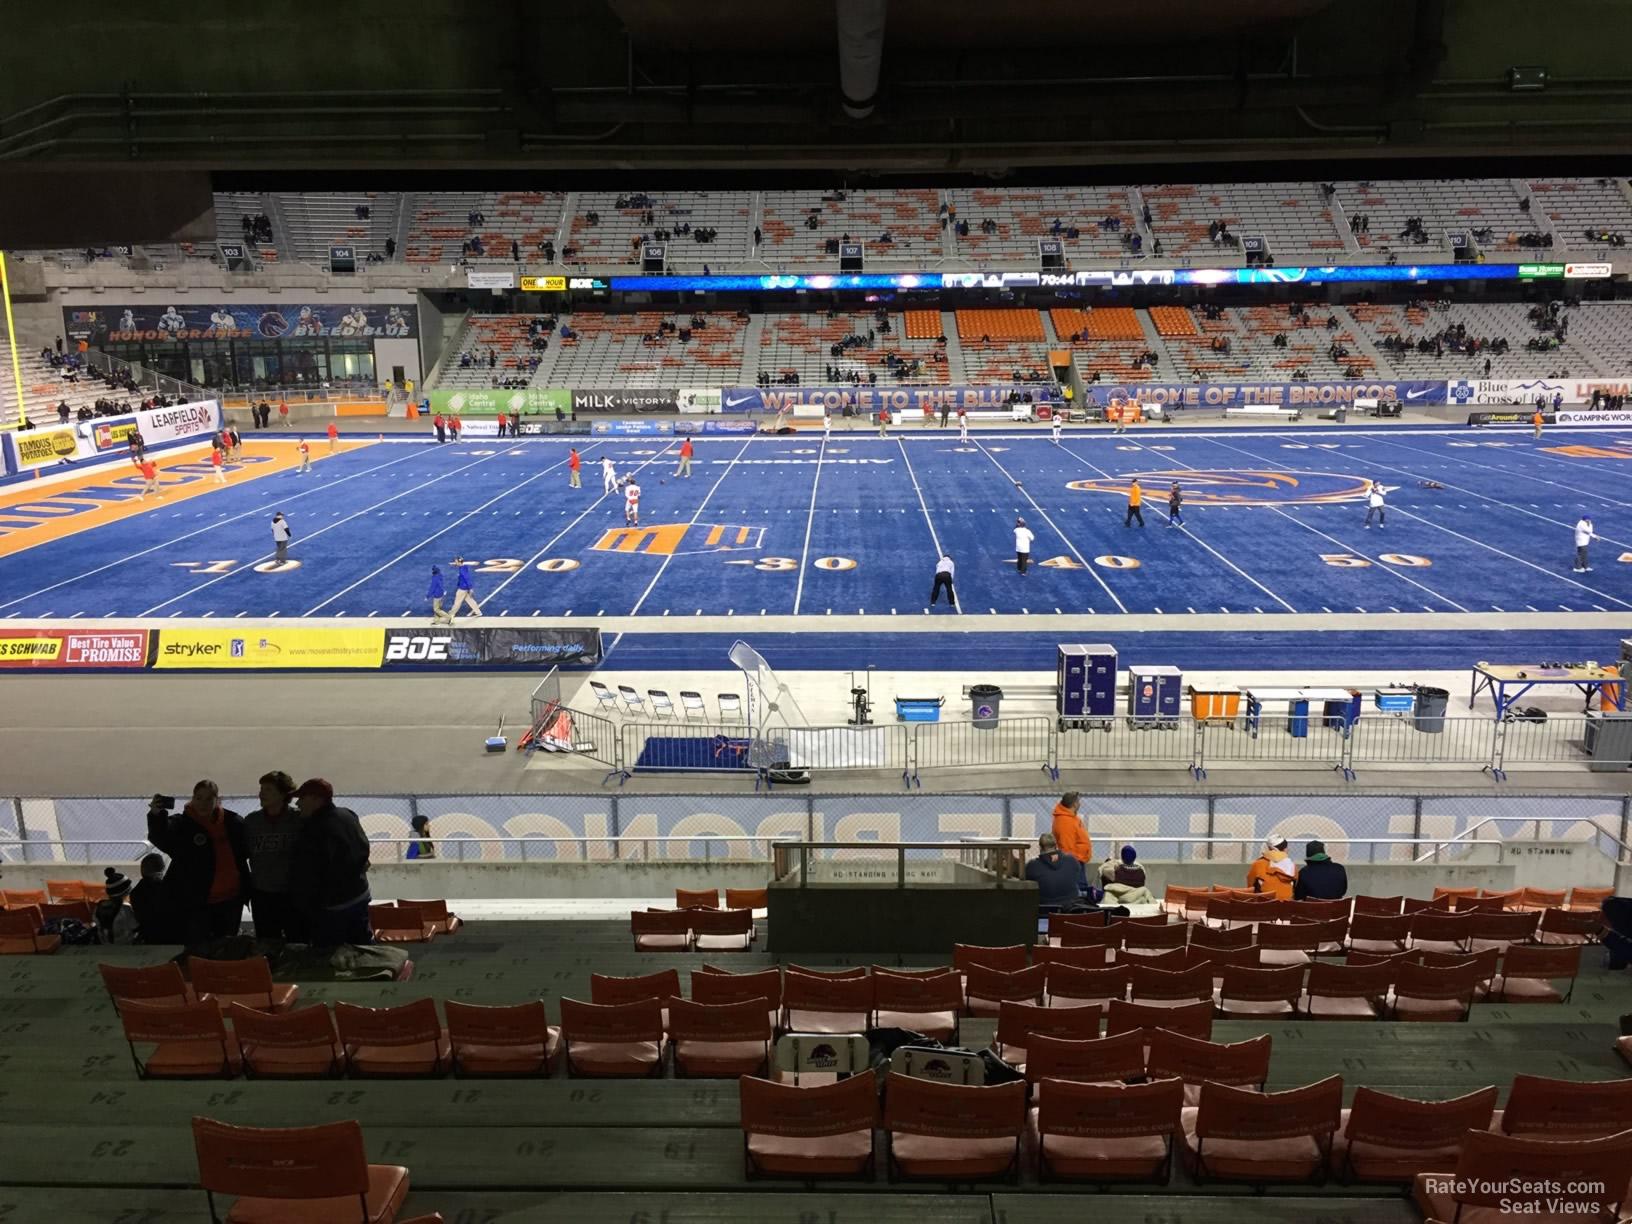 Bronco Stadium Section 24 - RateYourSeats.com